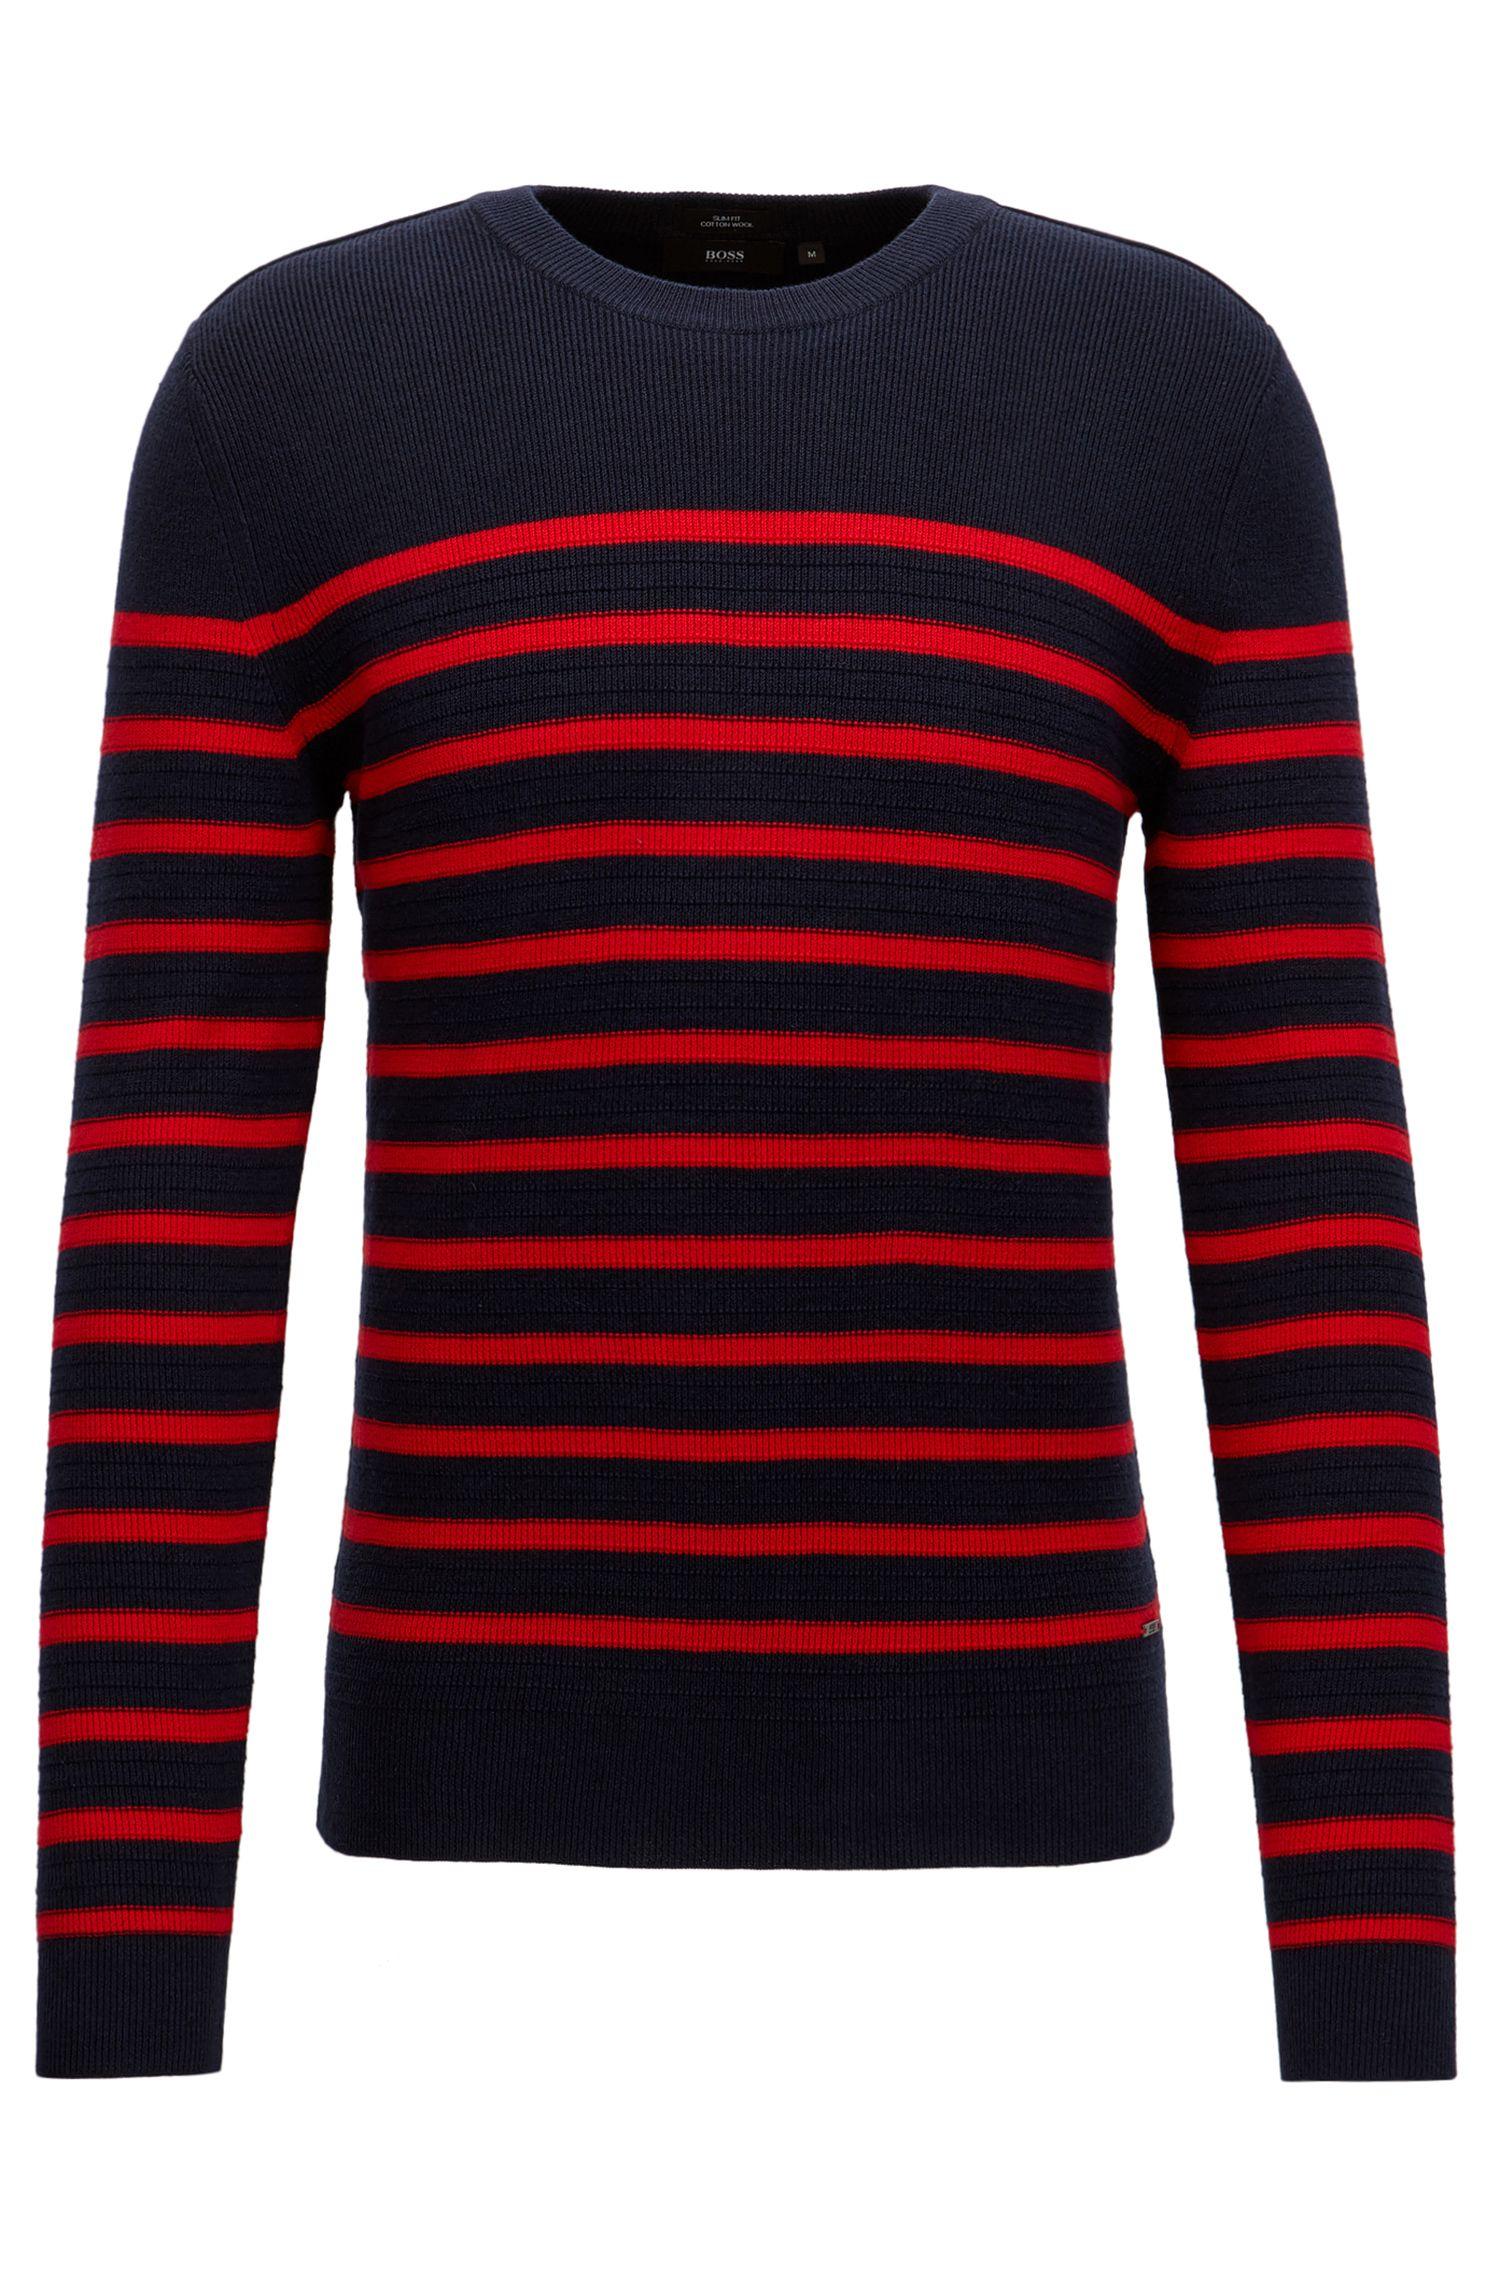 Maglione a righe in stile Breton in misto lana e cotone lavorato